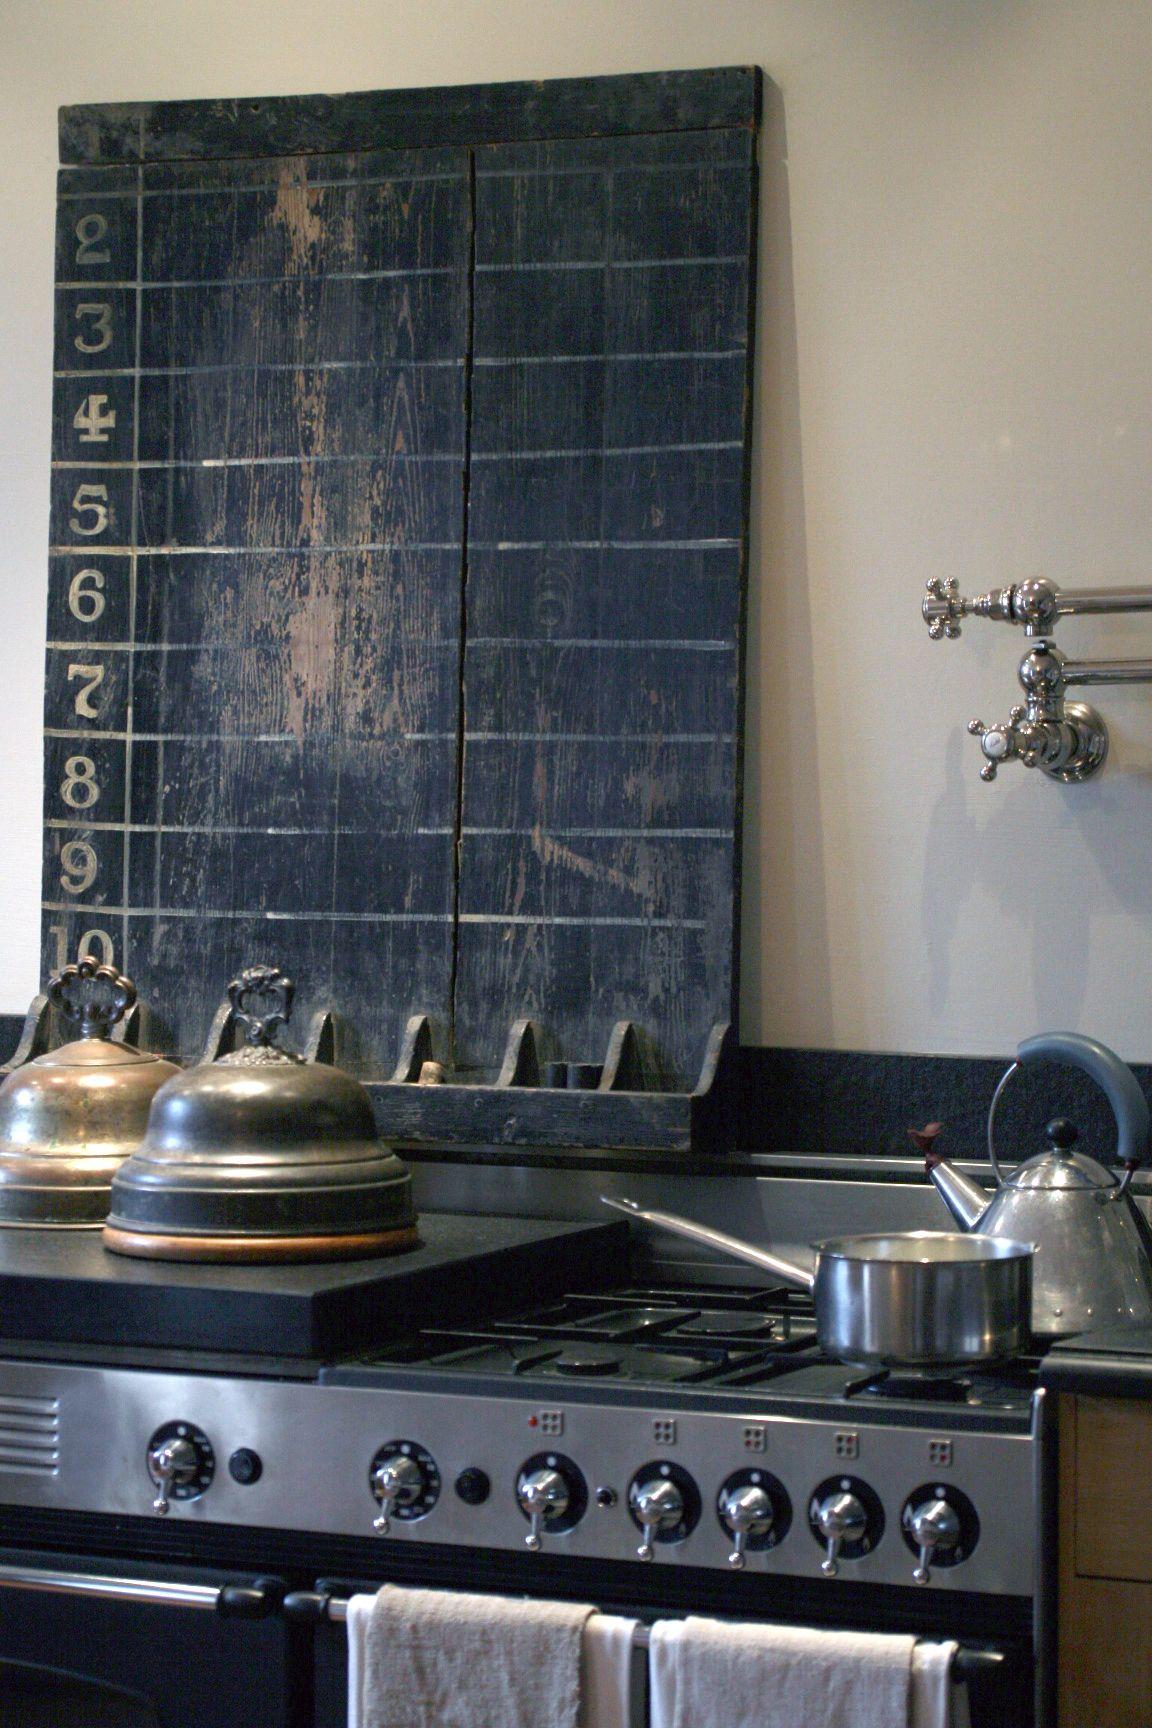 Kitchen kitchen ideas pinterest wall ideas